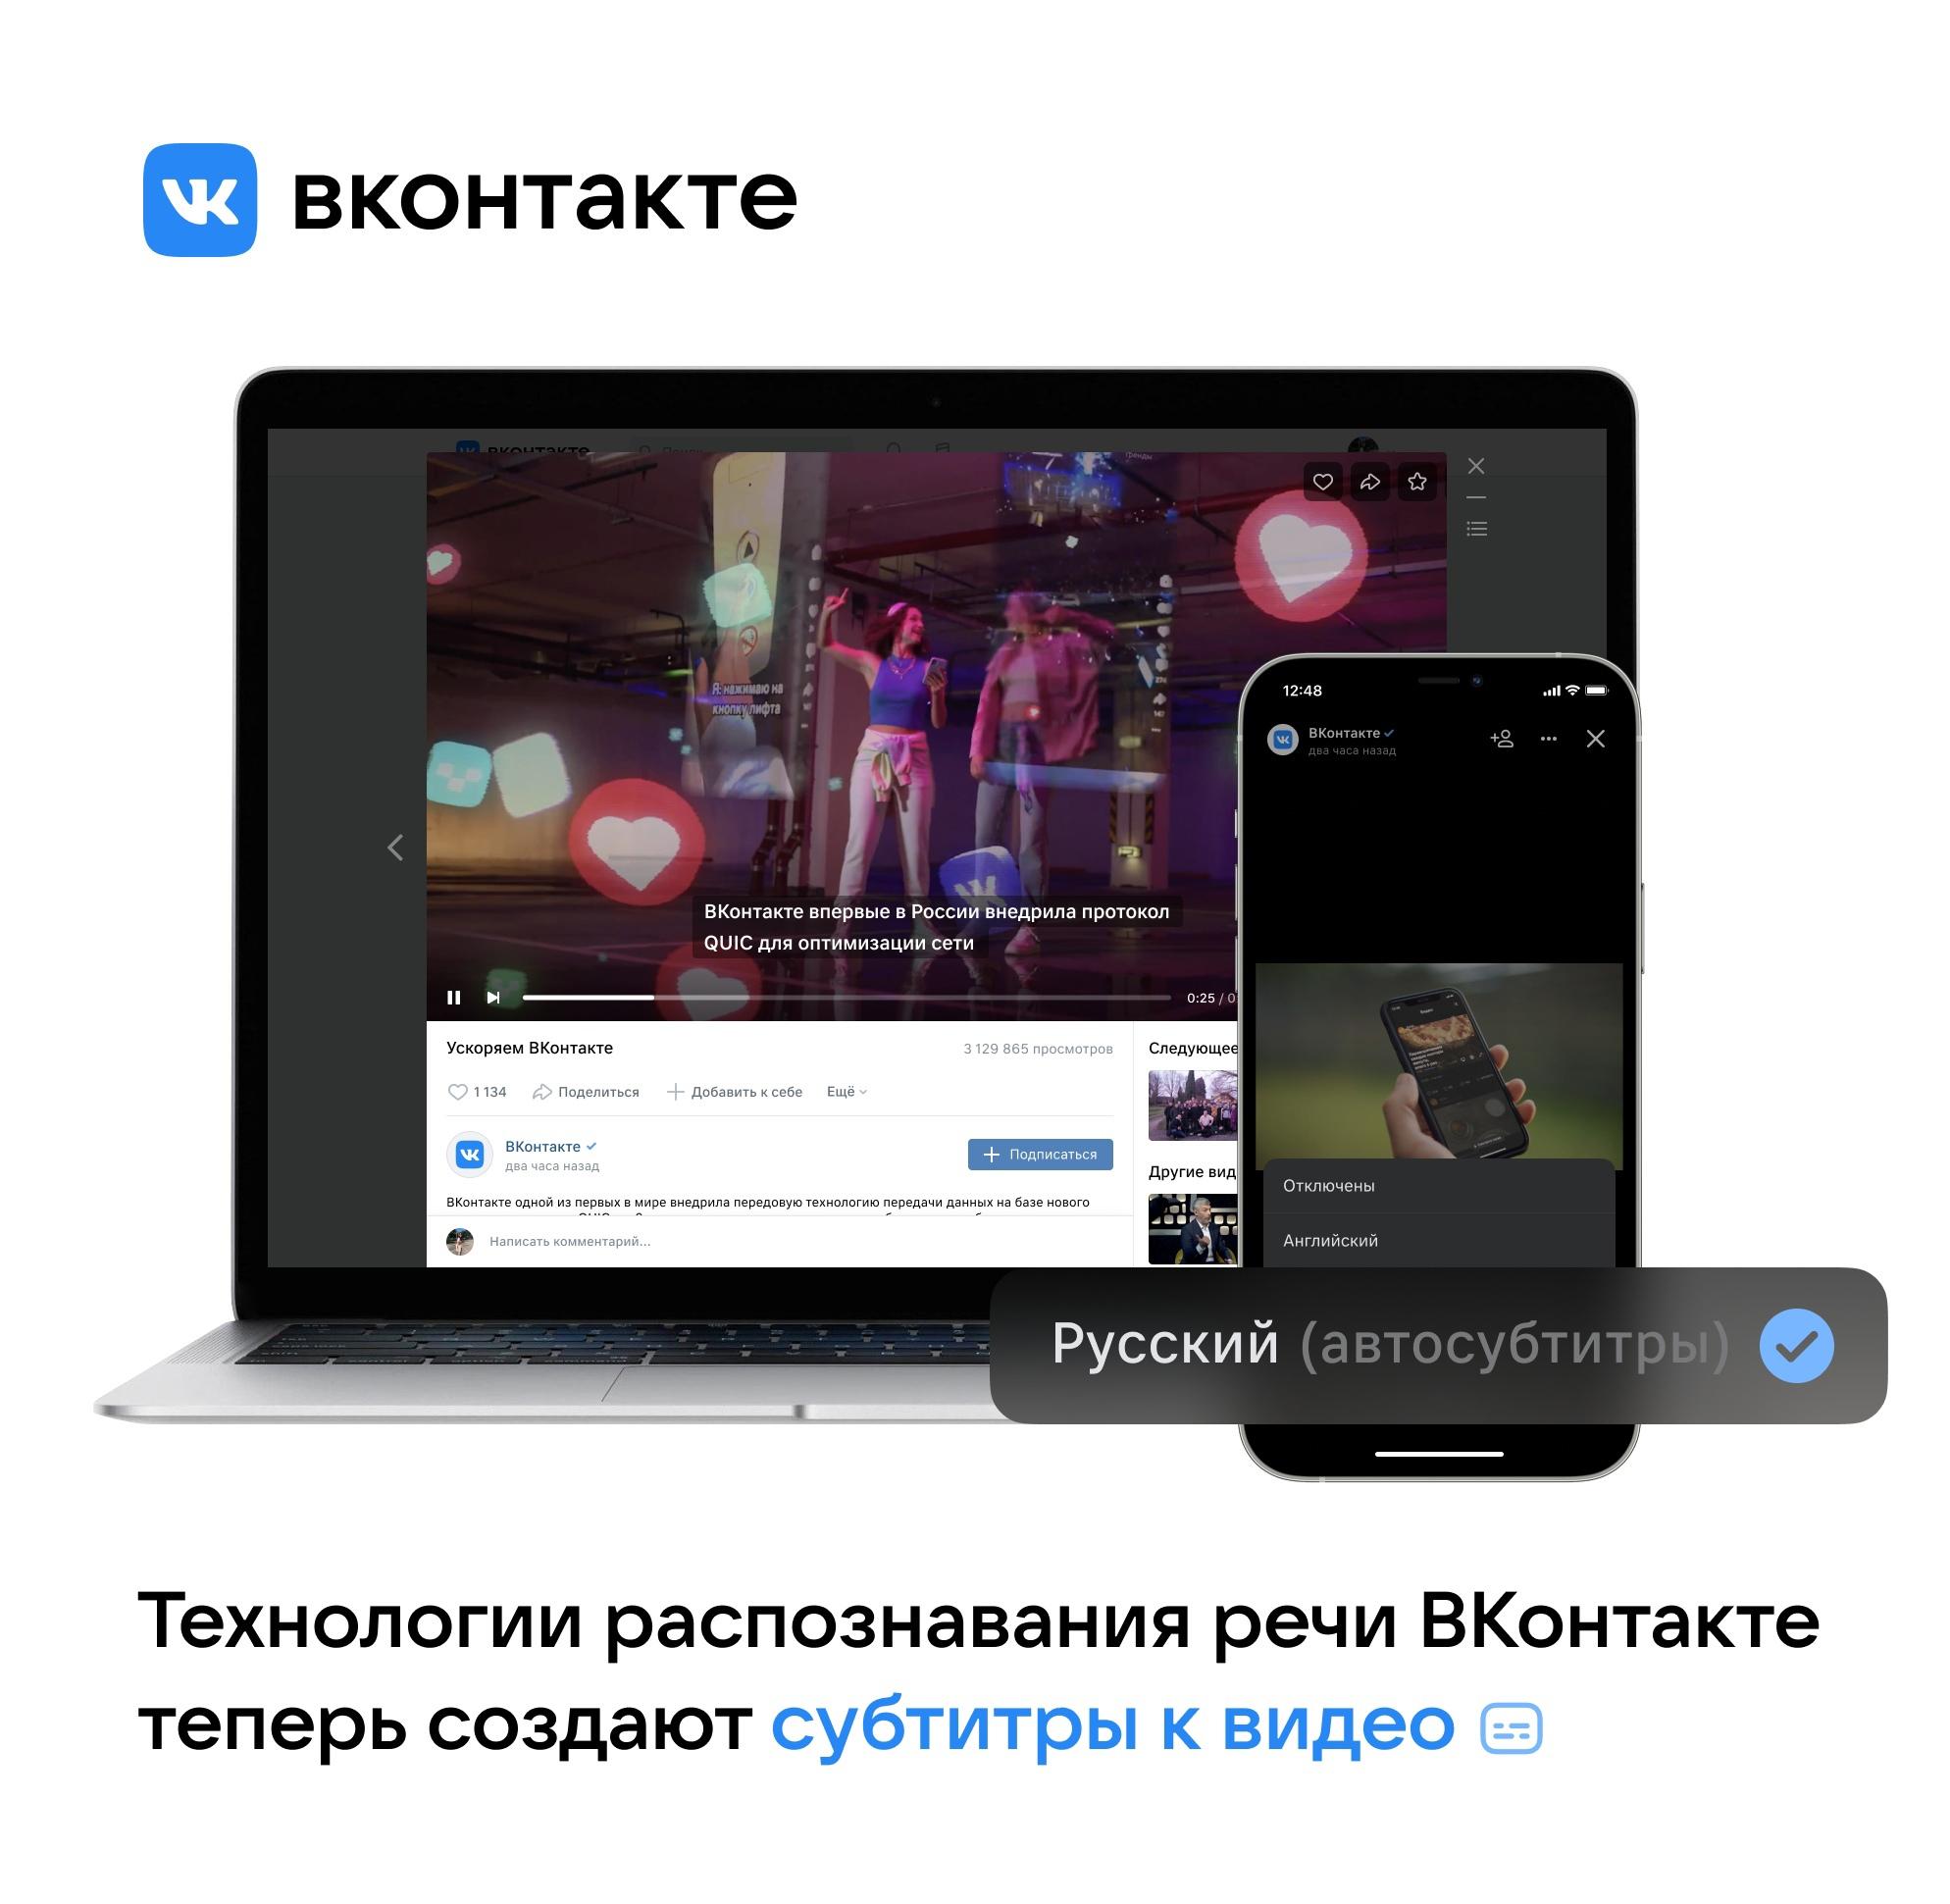 «ВКонтакте» запустила автоматические субтитры для видео